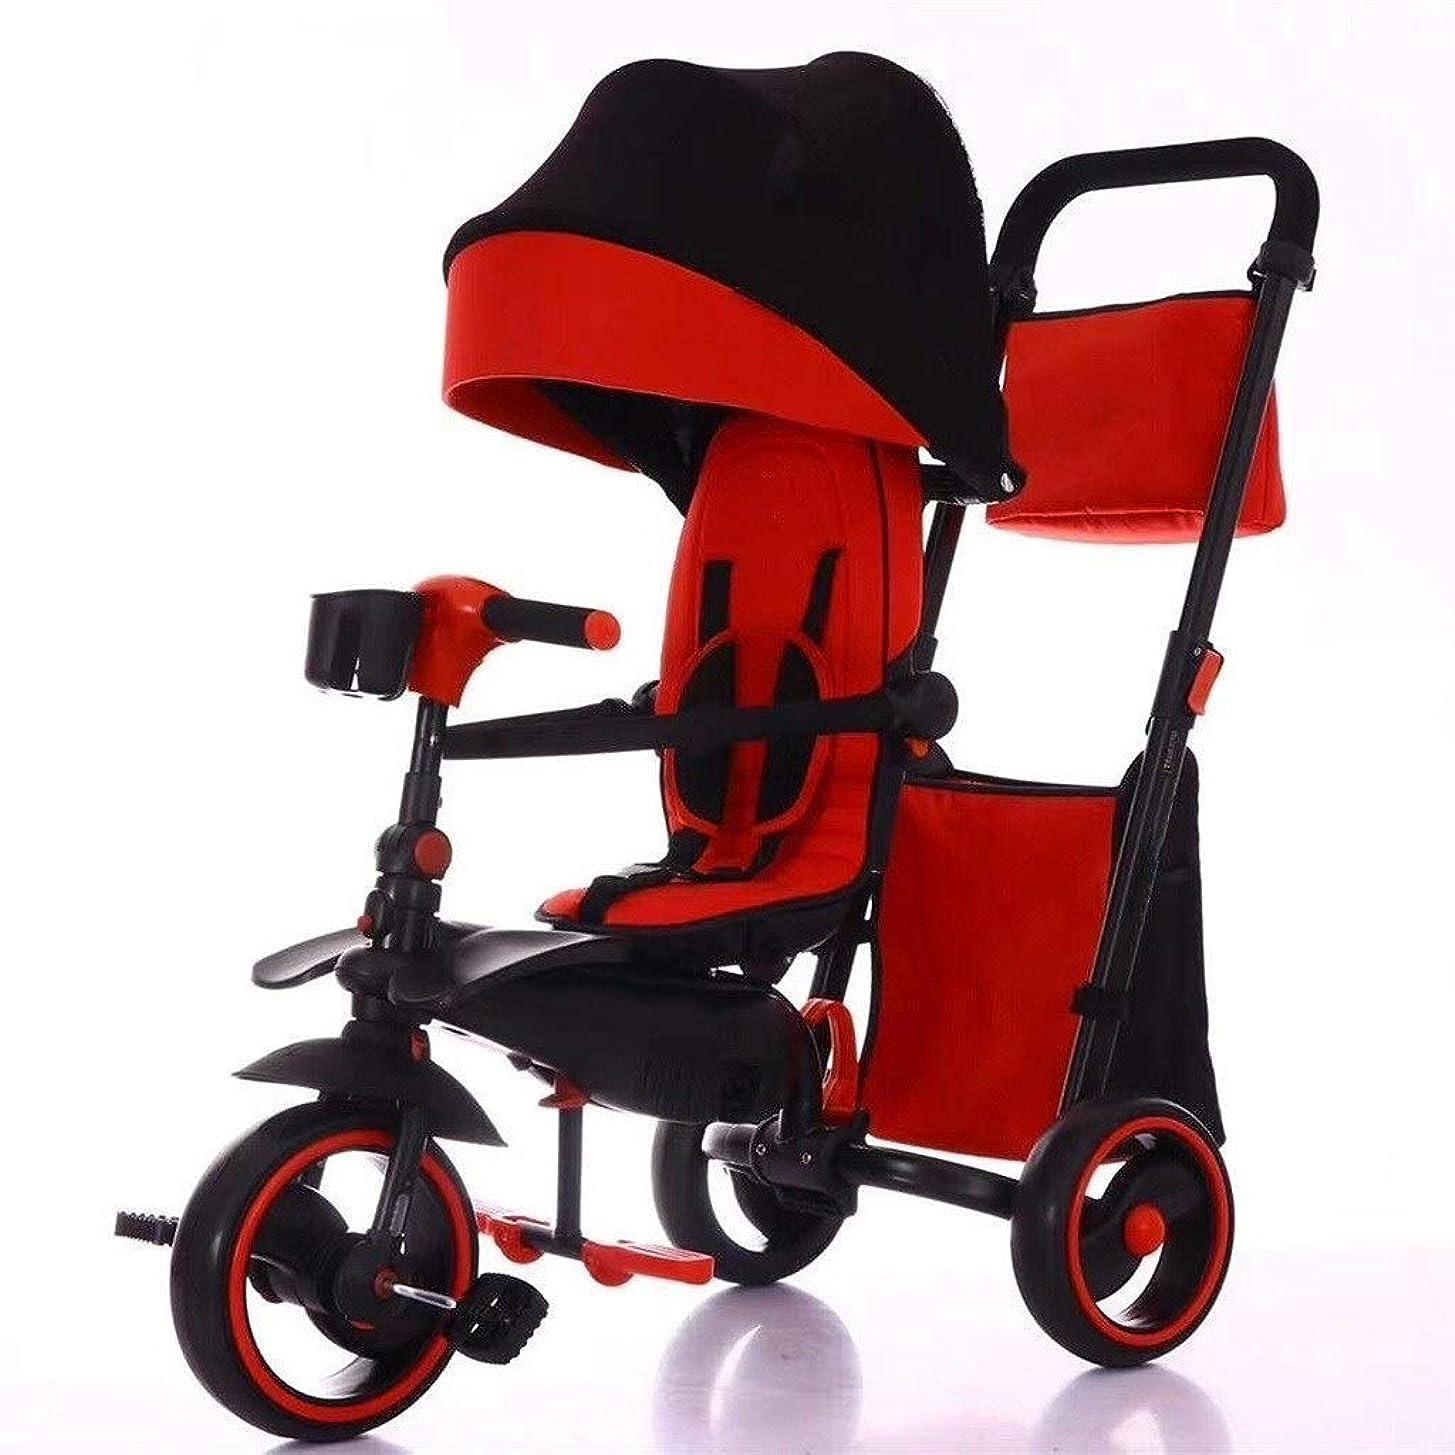 効能うっかり敏感な子供用三輪車 - 1つの折りたたみ式太陽の陰4 - 男の子の女の子 - 誕生日プレゼント